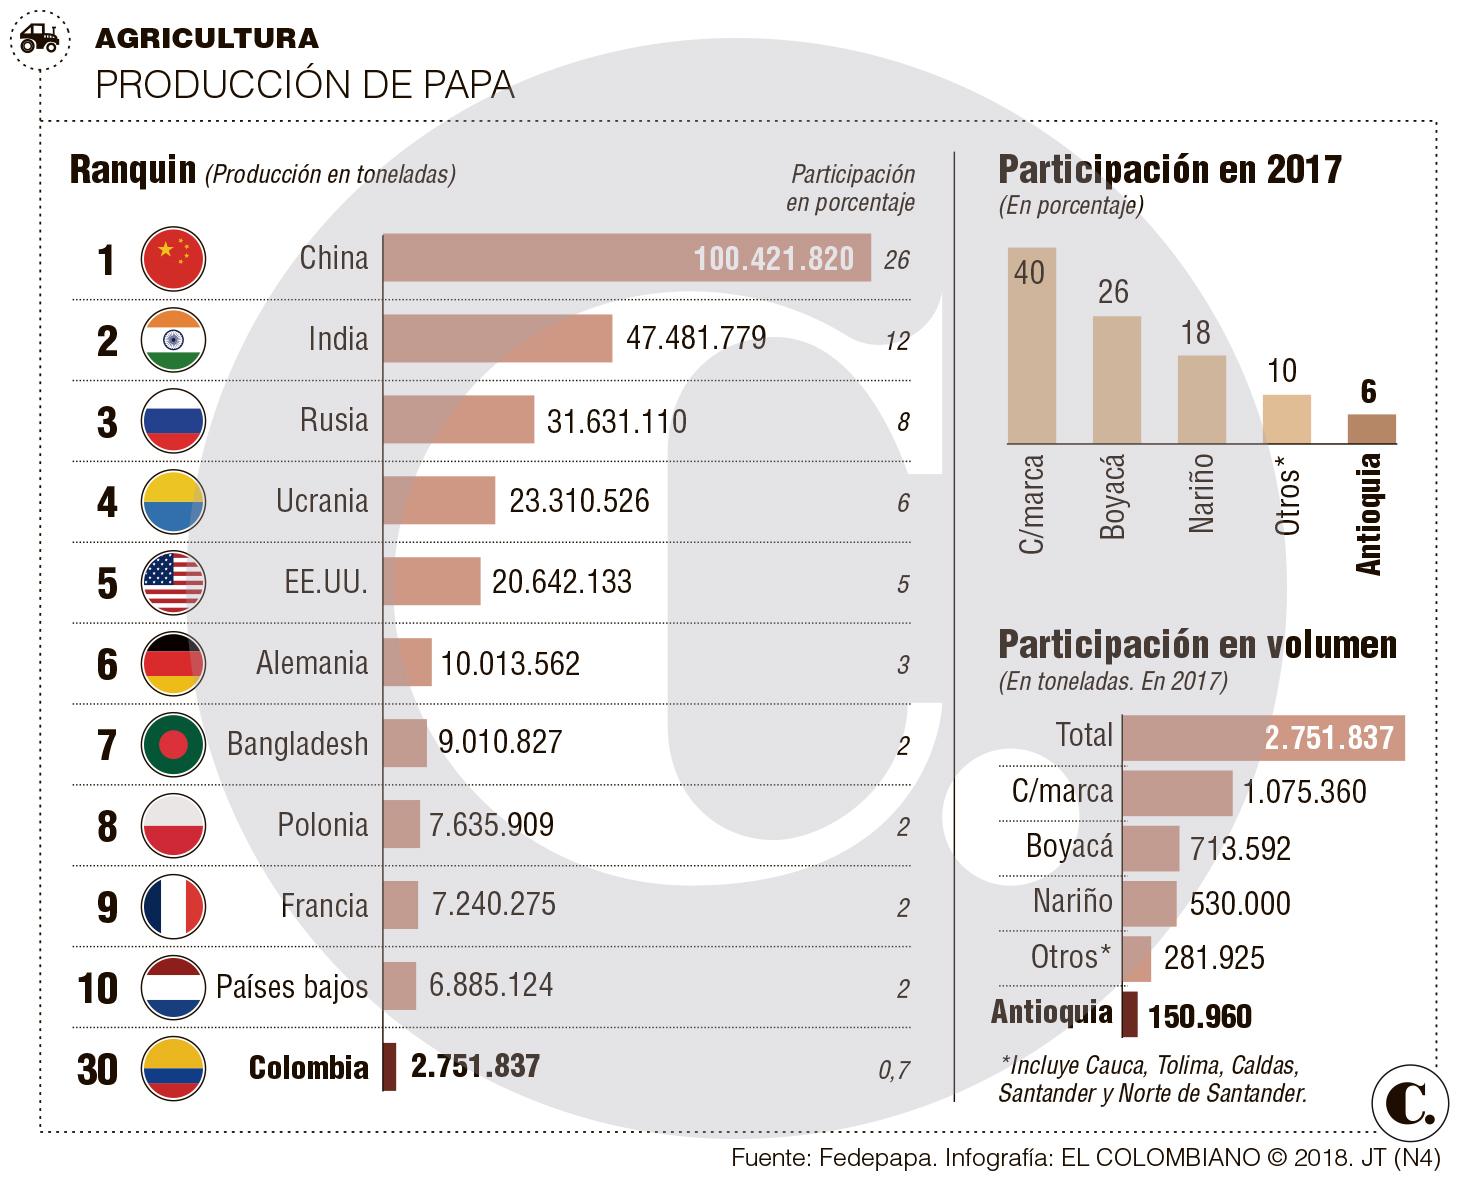 Papa congelada afecta a productores en Colombia